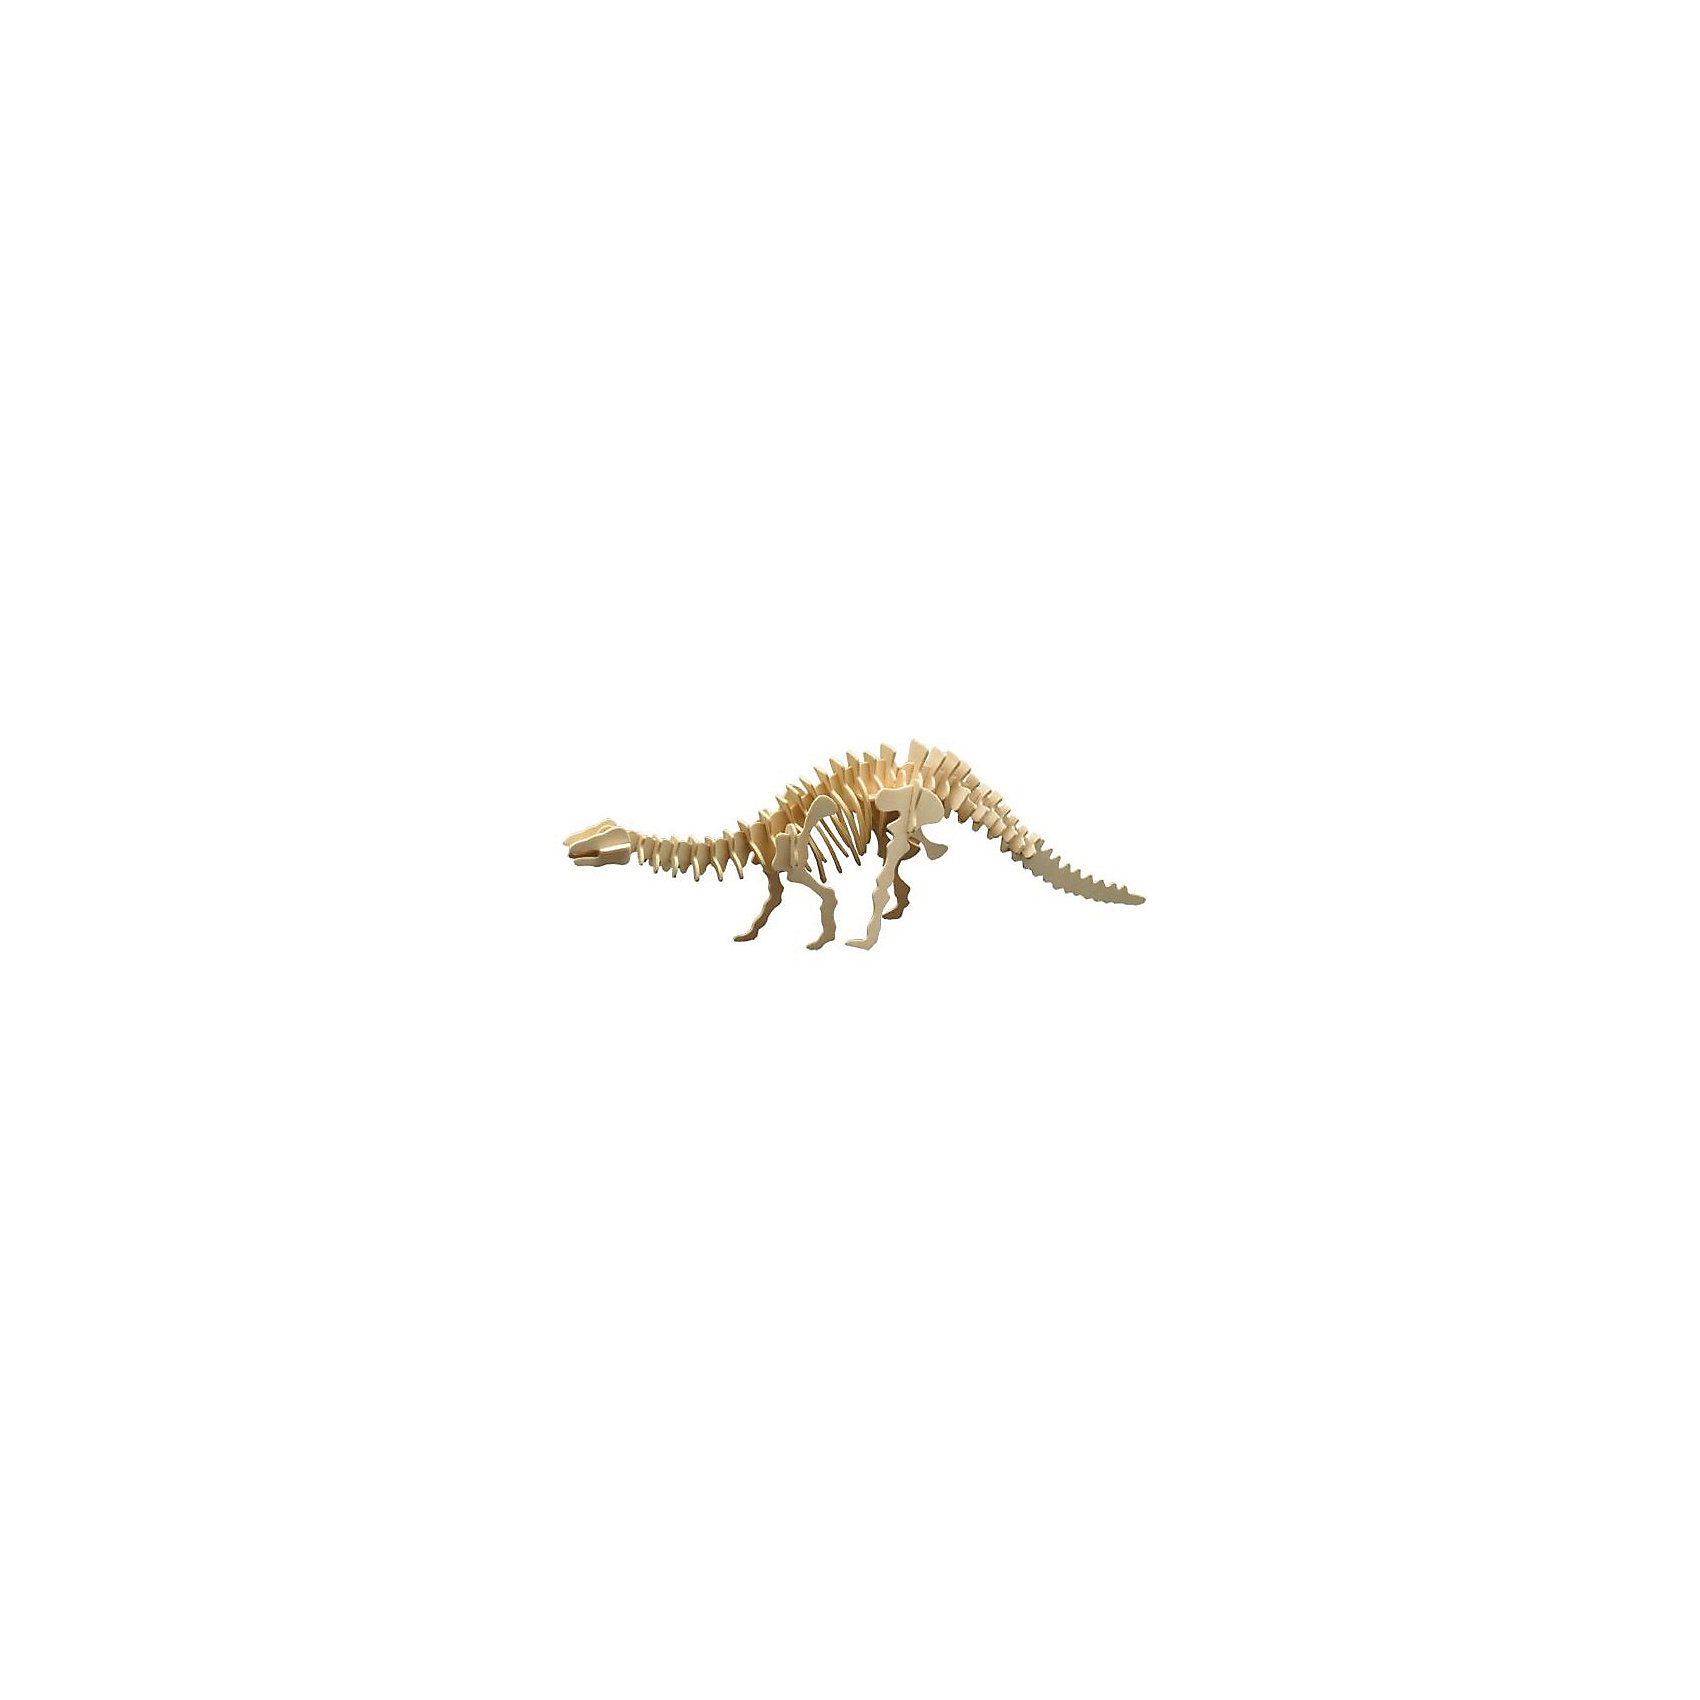 Апатозавр (серия Ж), Мир деревянных игрушекБренд Мир деревянных игрушек дает ребенку возможность самому сделать красивую деревянную фигуру! Специально для любящих творчество и интересующихся вымершими животными были разработаны эти 3D-пазлы. Из них получаются красивые очень реалистичные фигуры, которые могут стать украшением комнаты.<br>Собирая их, ребенок будет учиться соотносить фигуры, развивать пространственное мышление, память и мелкую моторику. А раскрашивая готовое произведение, дети научатся подбирать цвета и будут развивать художественные навыки. Этот набор произведен из качественных и безопасных для детей материалов - дерево тщательно обработано.<br><br>Дополнительная информация:<br><br>материал: дерево;<br>цвет: бежевый;<br>элементы: пластины с деталями для сборки;<br>размер упаковки: 23 х 18 см.<br><br>3D-пазл Апатозавр (серия Ж) от бренда Мир деревянных игрушек можно купить в нашем магазине.<br><br>Ширина мм: 225<br>Глубина мм: 30<br>Высота мм: 180<br>Вес г: 700<br>Возраст от месяцев: 36<br>Возраст до месяцев: 144<br>Пол: Унисекс<br>Возраст: Детский<br>SKU: 4969034